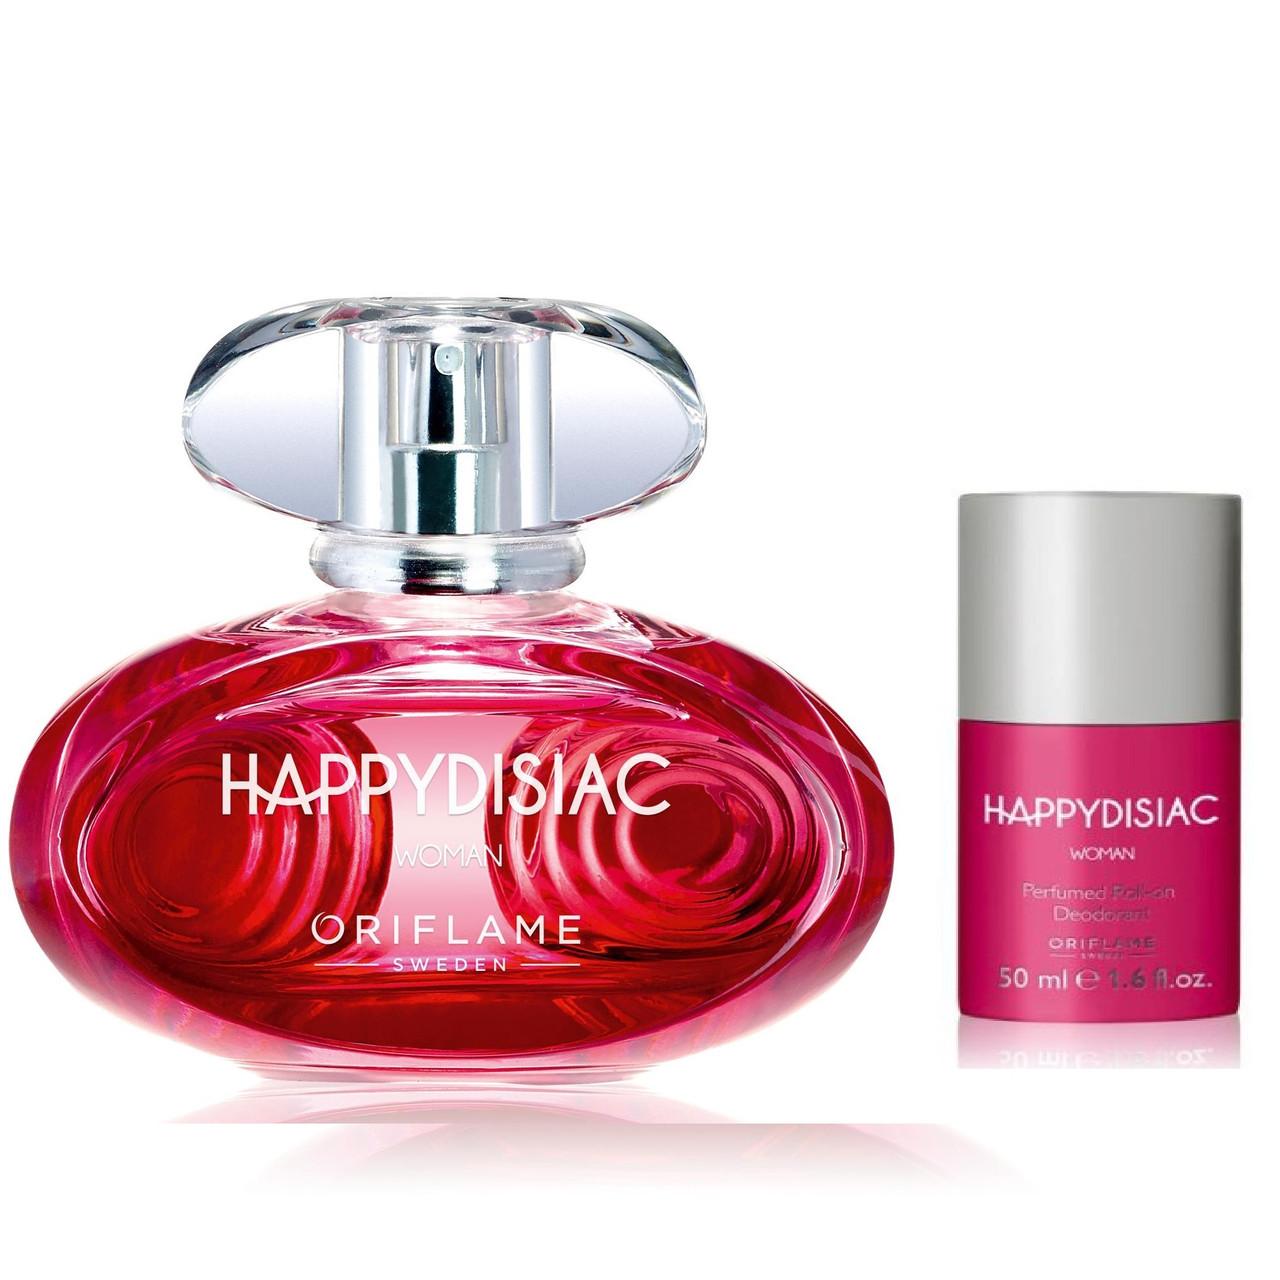 Набор Happydisiac Woman Oriflame